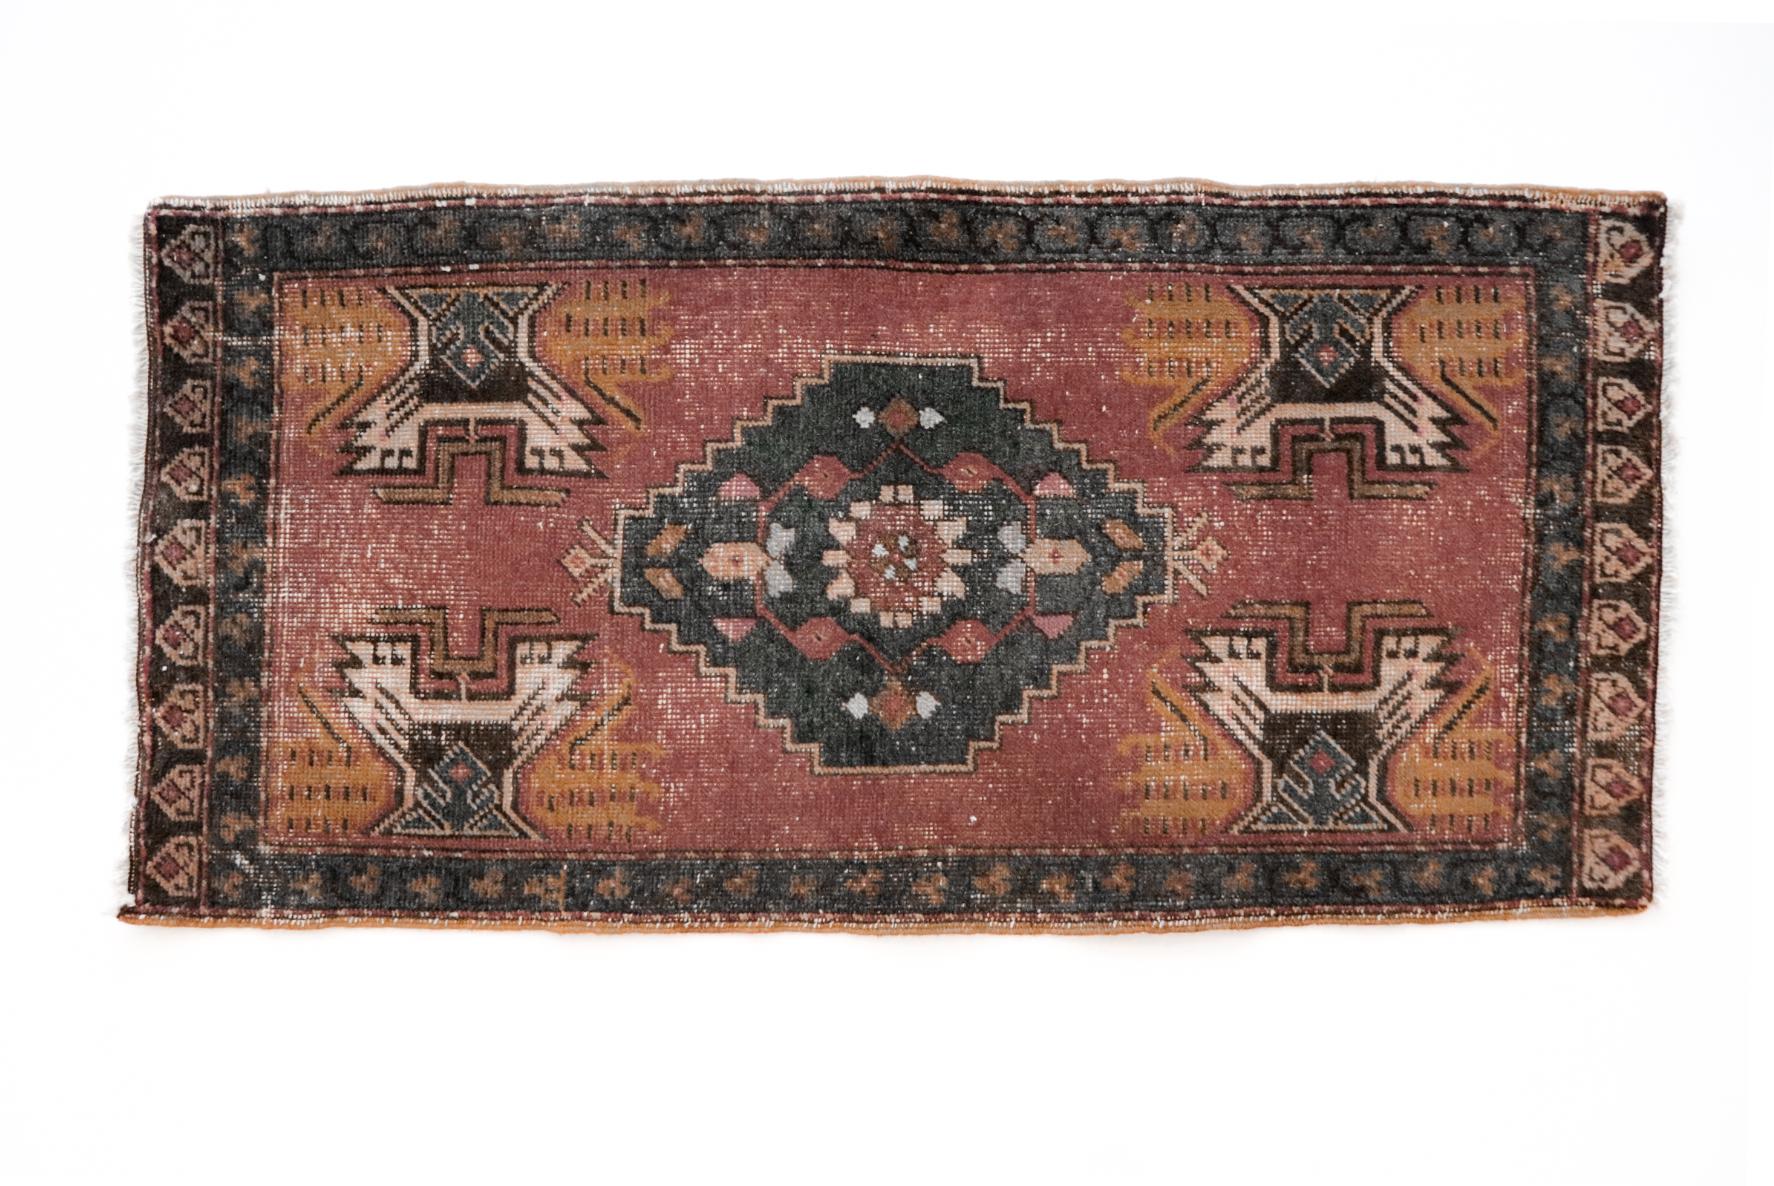 Handmade Vintage Turkish Kilim Rug - Red and Blue